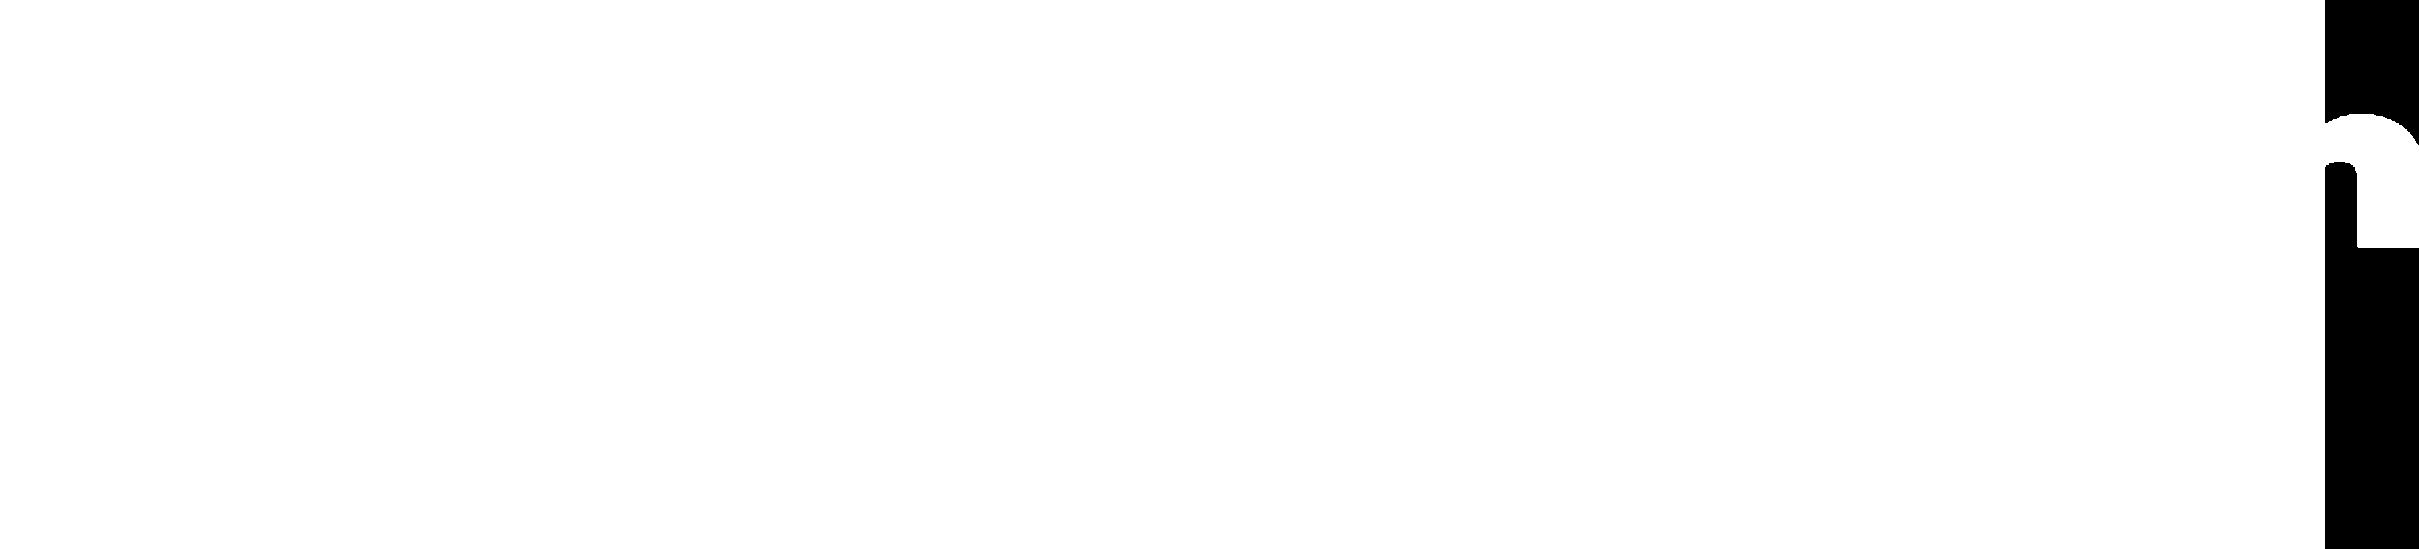 Republican Socialist Platform